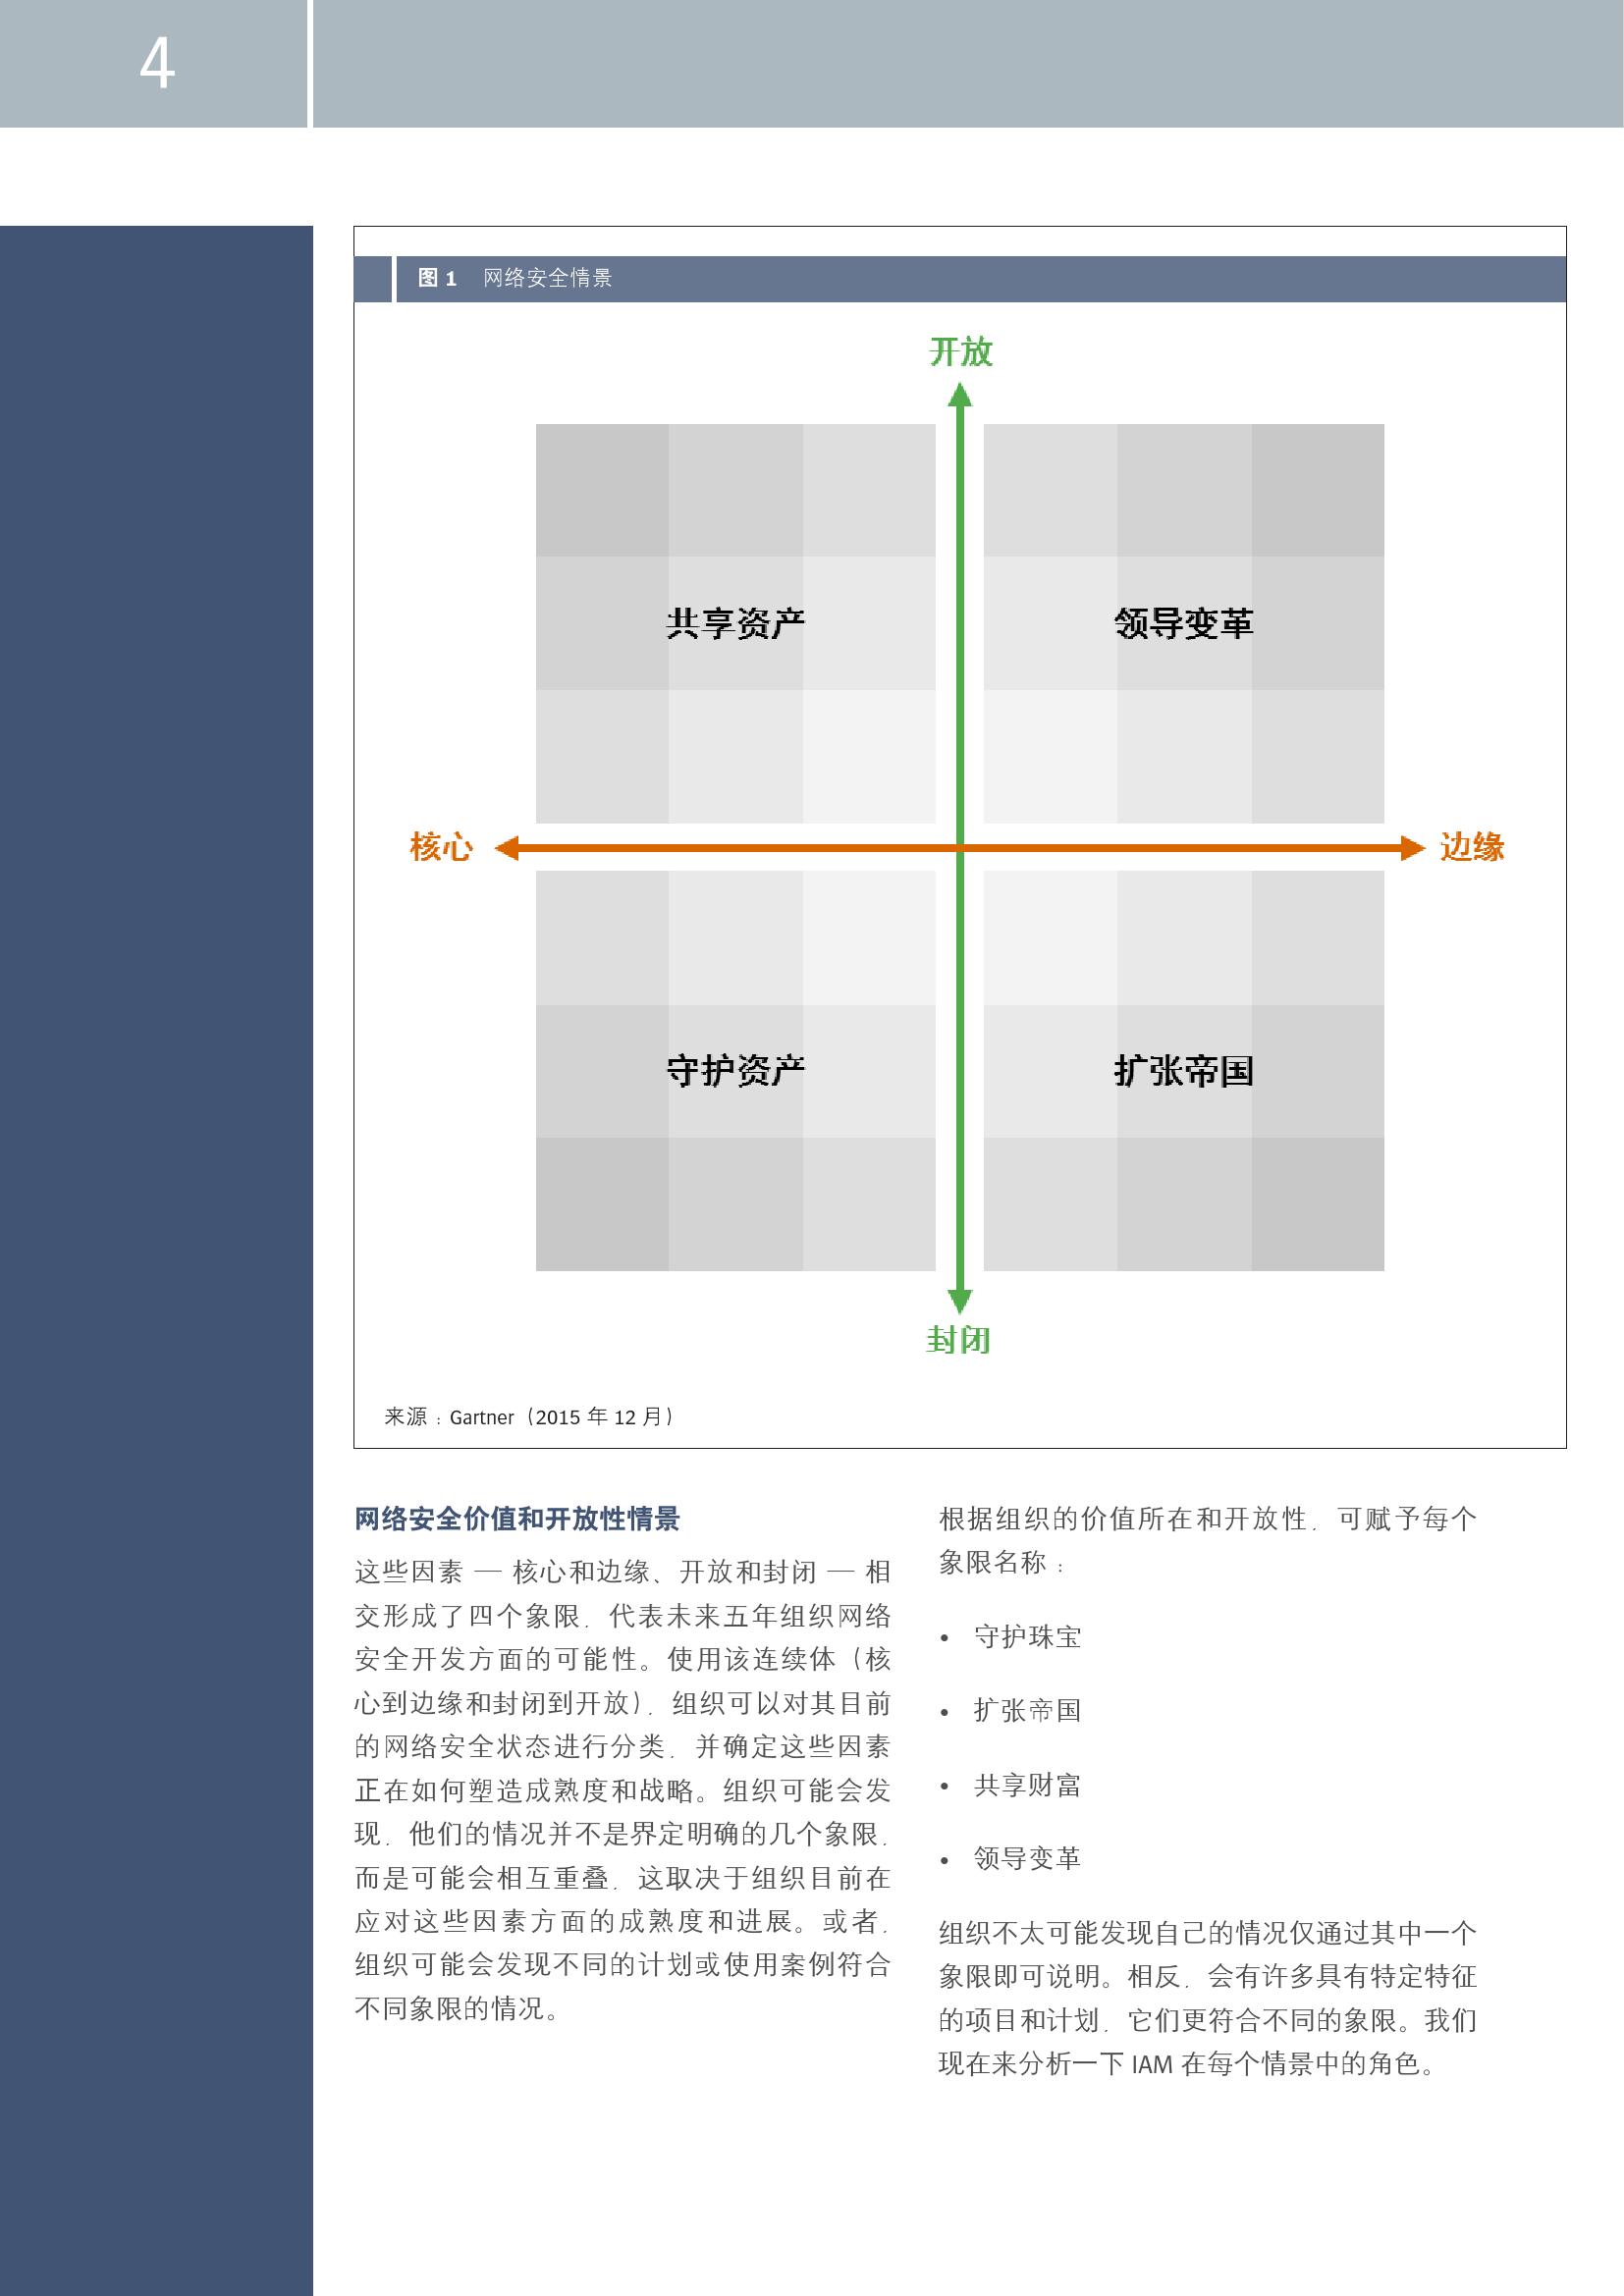 中国企业市场前瞻_000004